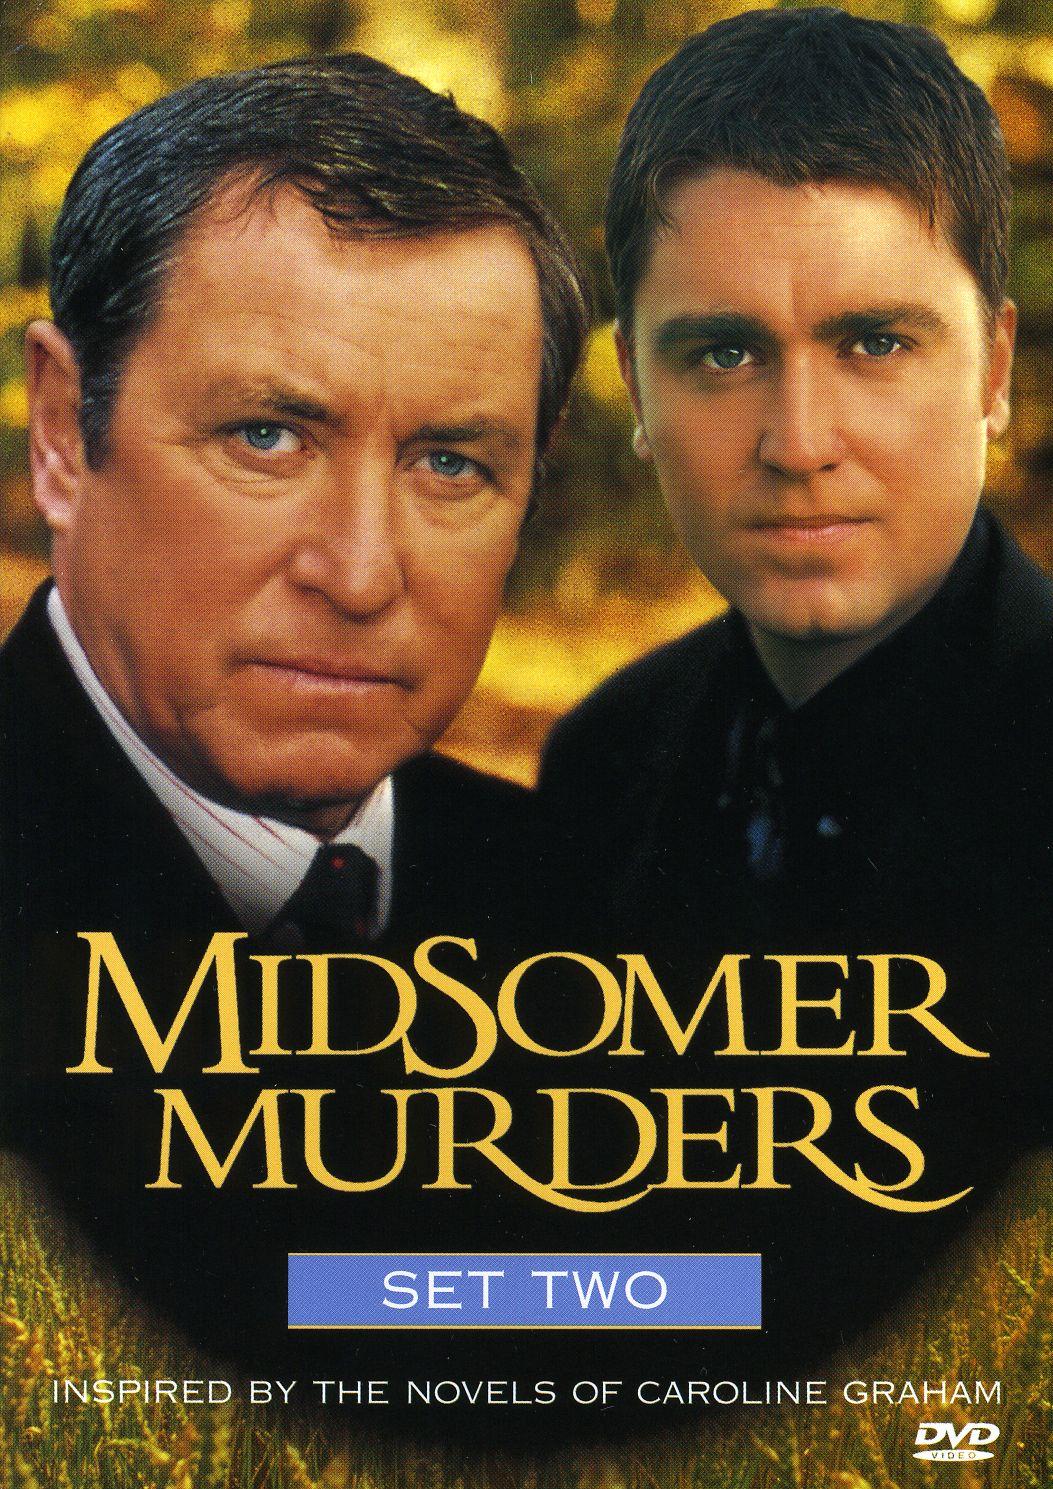 Midsomer Murders Set 2 (DVD)